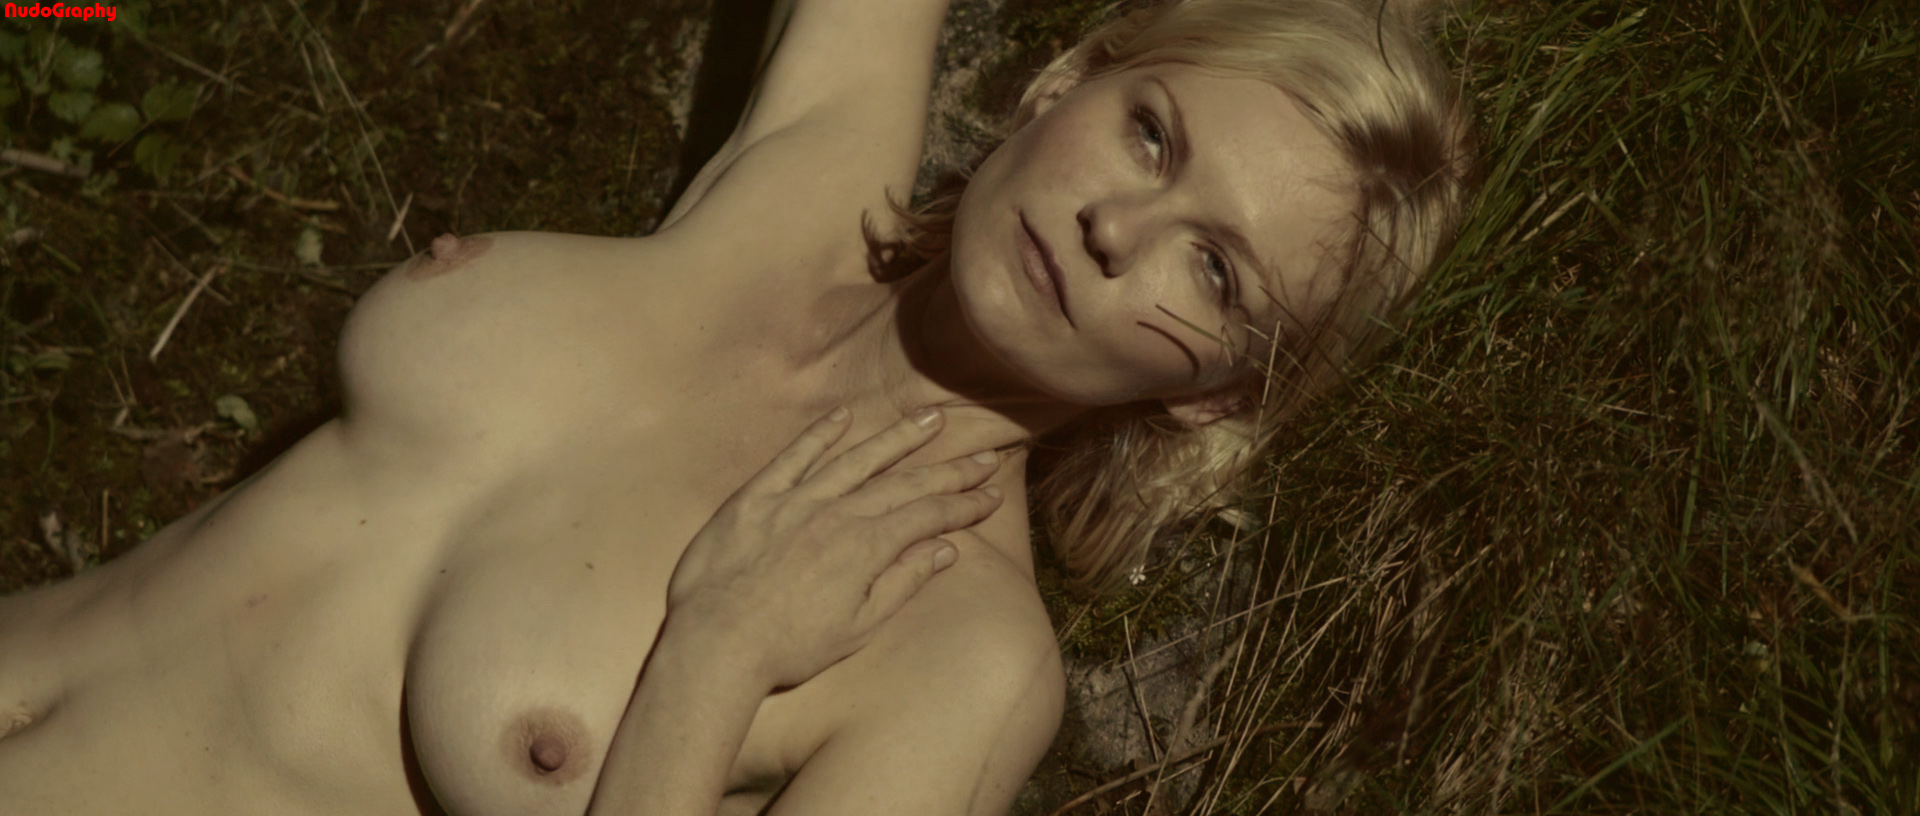 Kirsten dunst foto nuda